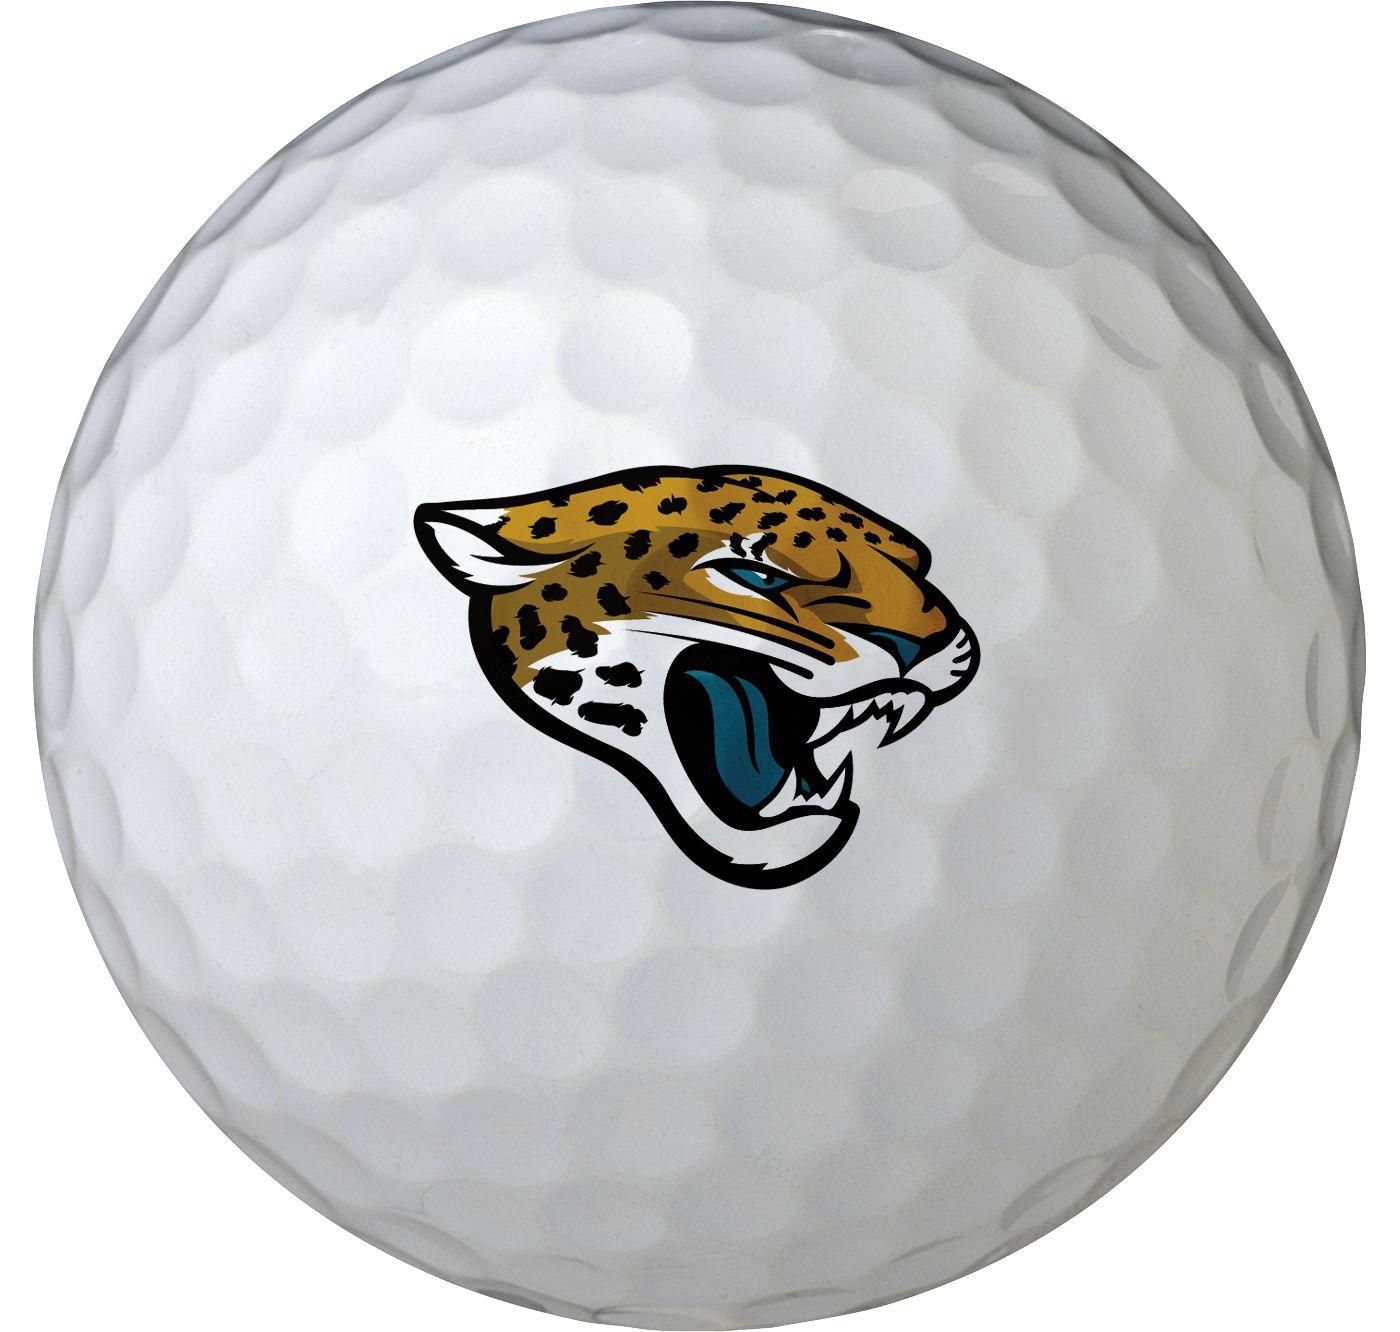 Wilson Jacksonville Jaguars Golf Balls - 6 Pack